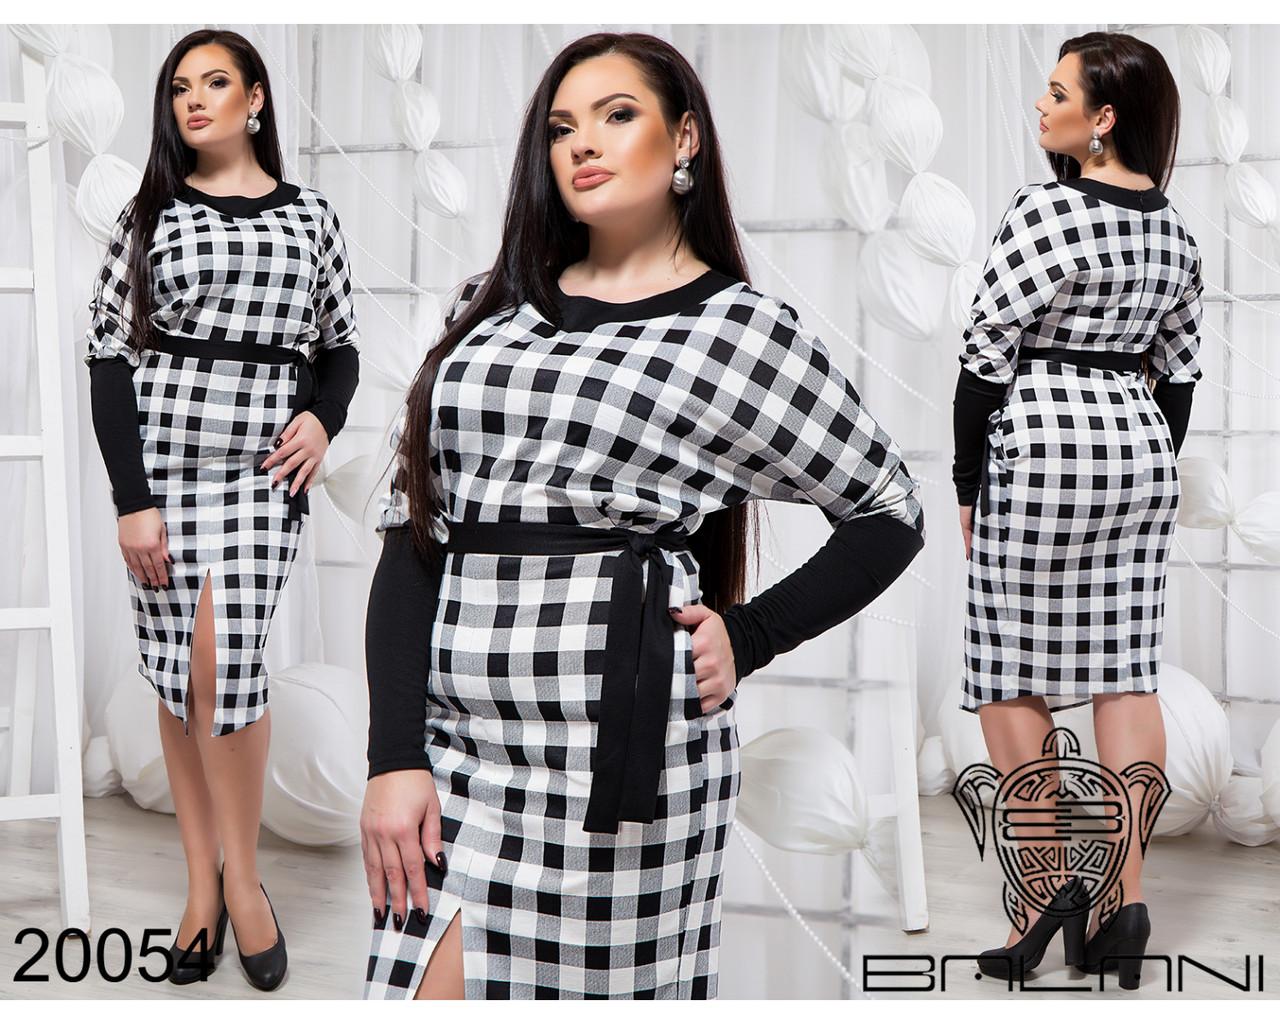 2f1346fb2b34219 Черно-белое трикотажное платье в клетку с поясом с 48 по 54 размер -  Интернет